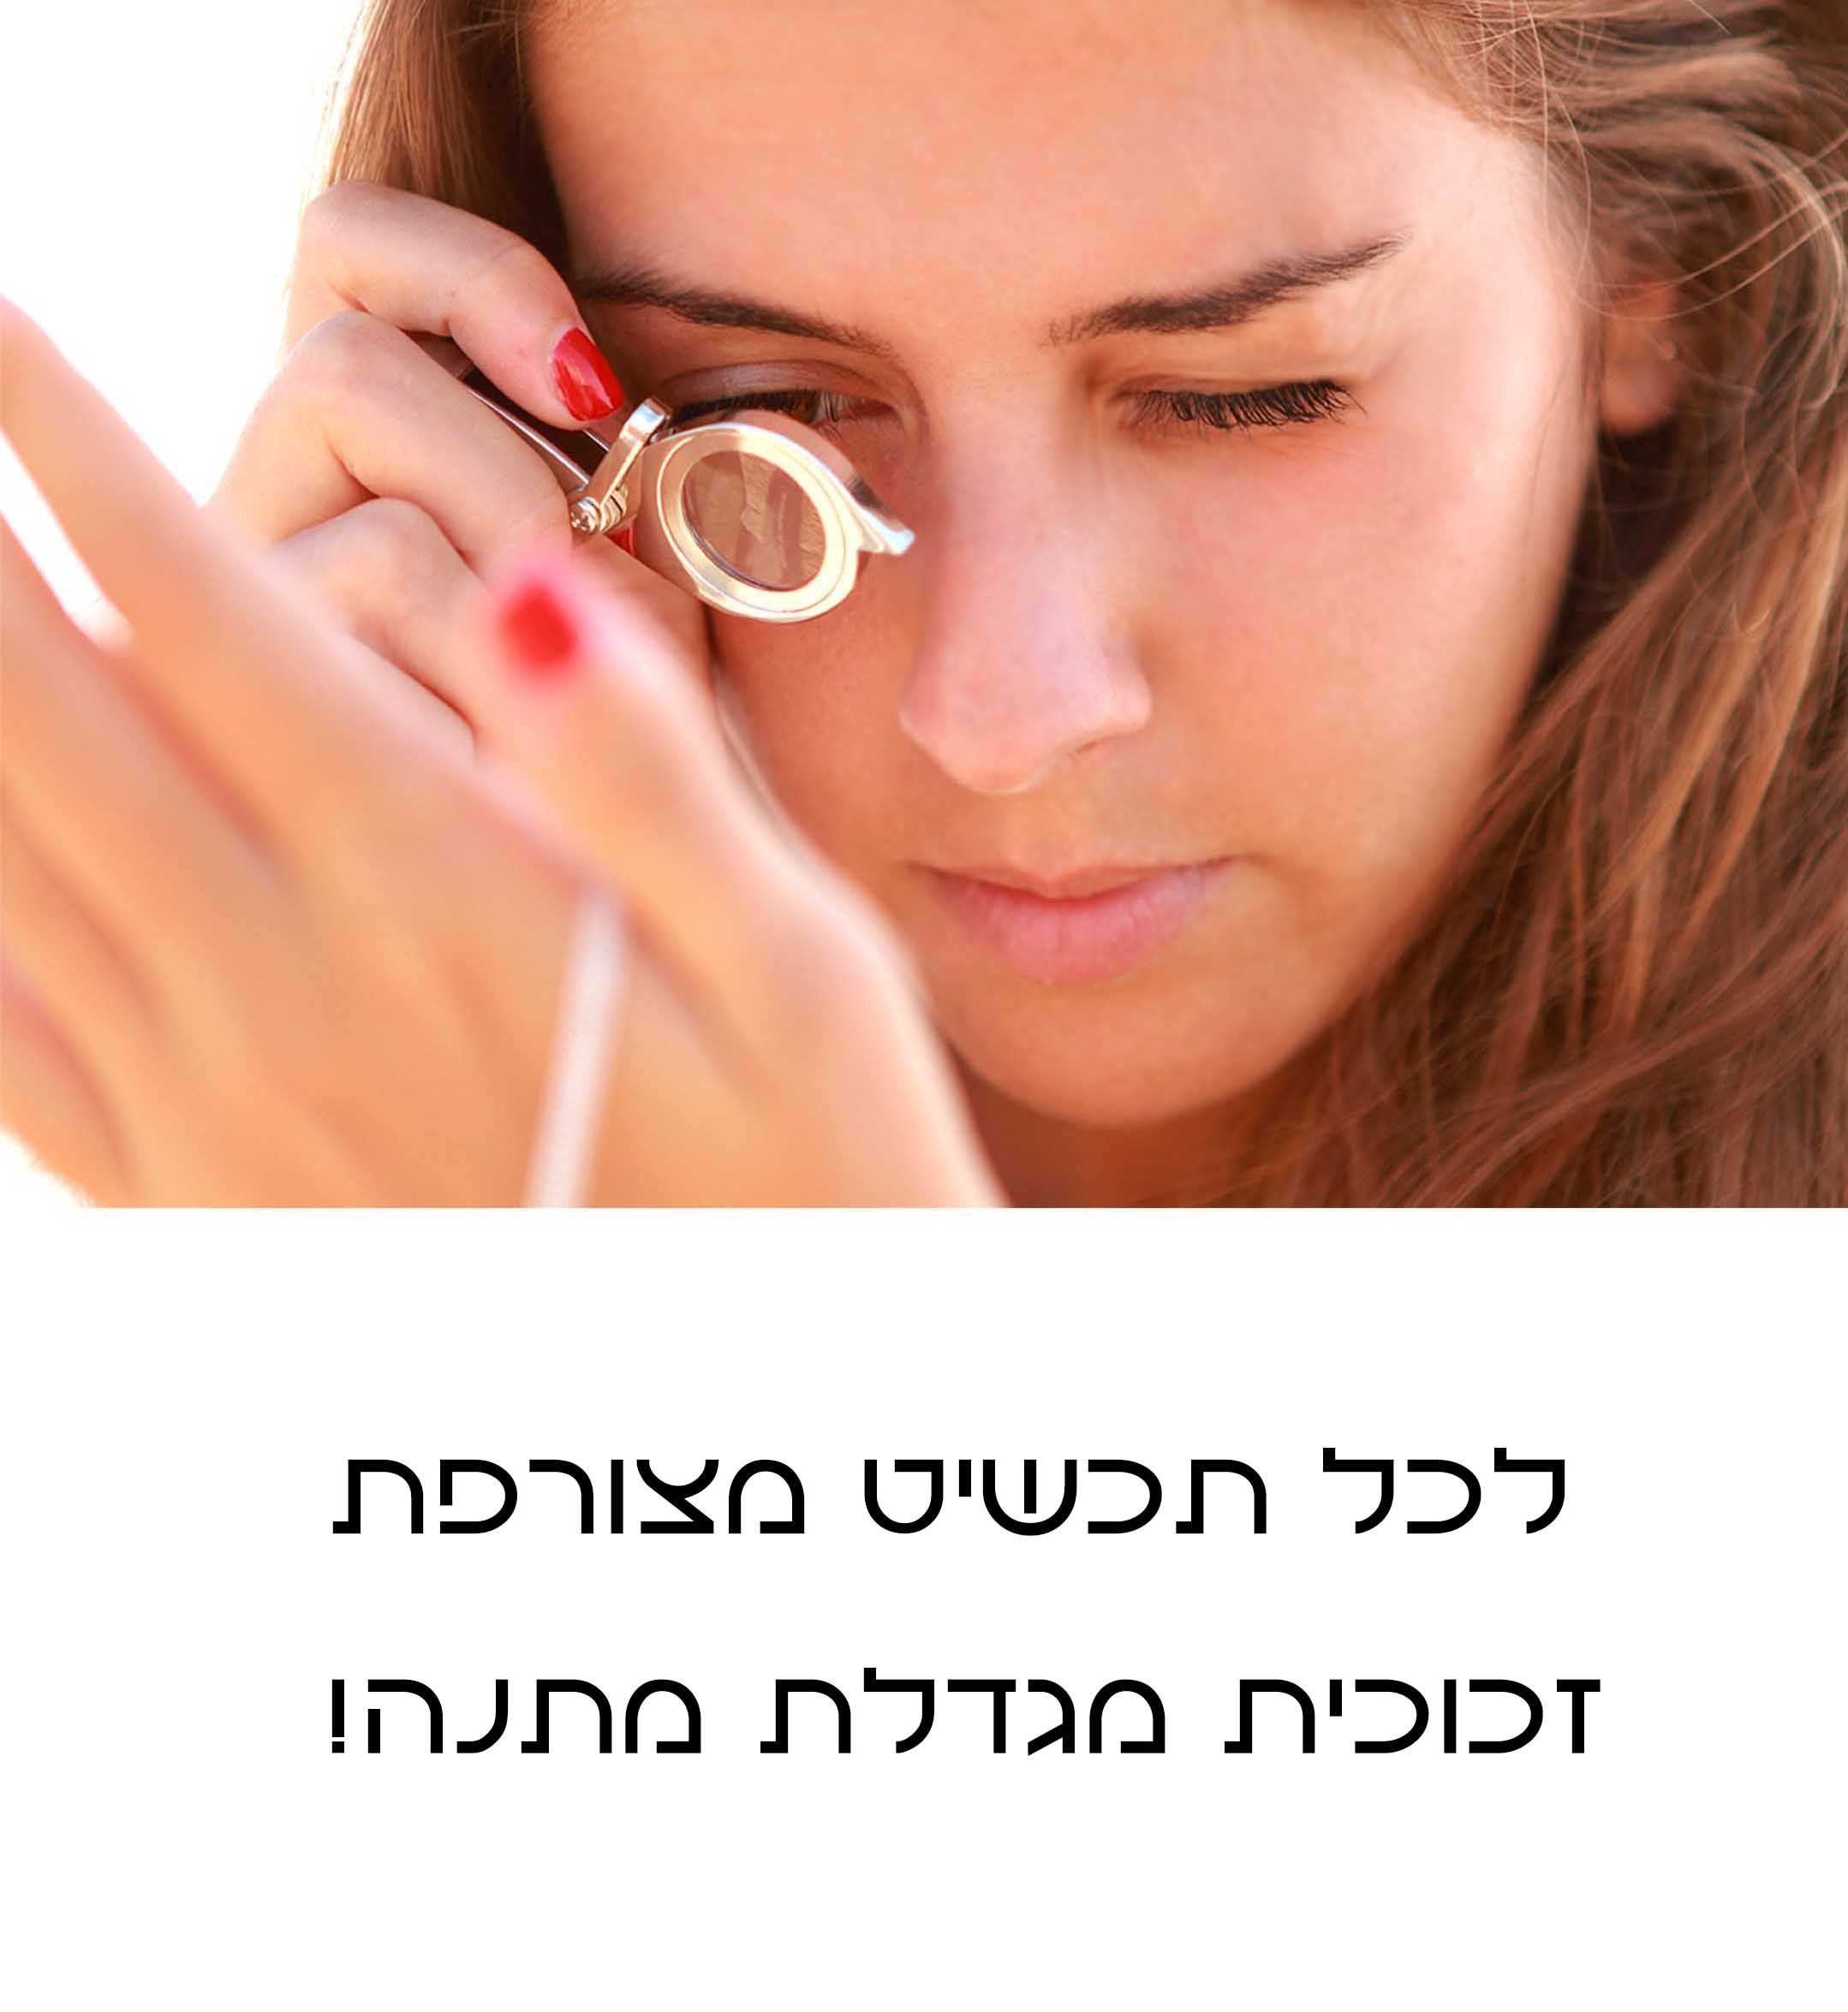 תפילה לזוגיות חדשה - שרשרת עם כיתוב מיניאטורי בזהב טהור – נאנו תכשיטיםתפילה לזוגיות חדשה - שרשרת עם כיתוב מיניאטורי בזהב טהור – נאנו תכשיטים